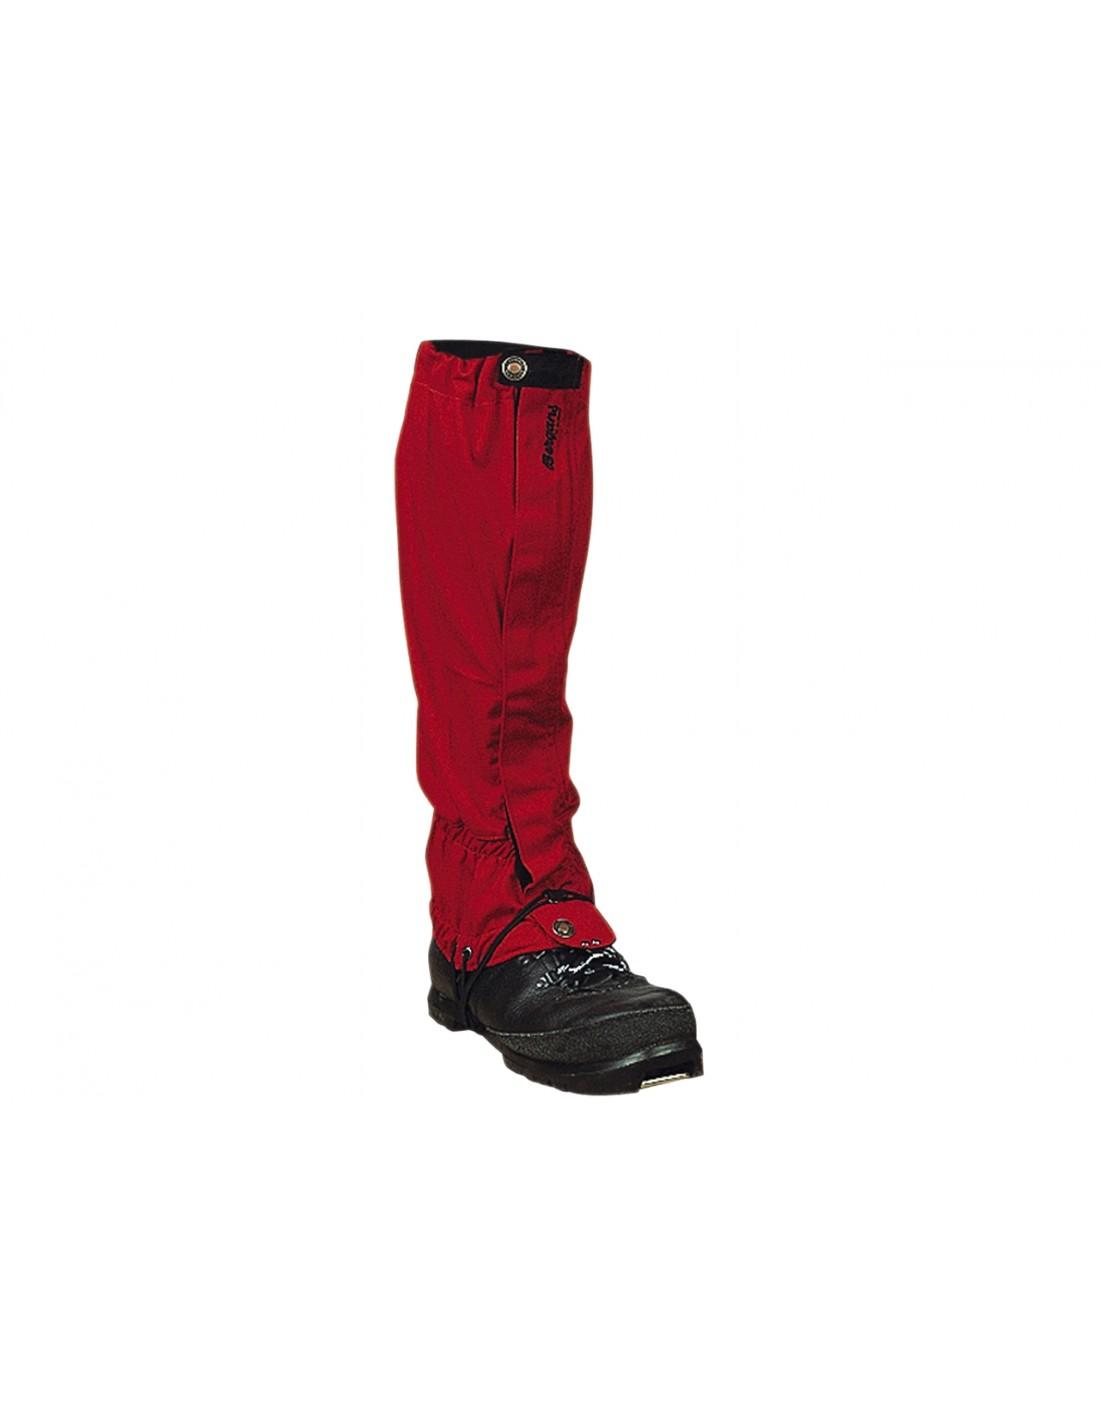 Gamasjer Bergans Gaiter Zipper Cotton/Polyester 30 499 kr